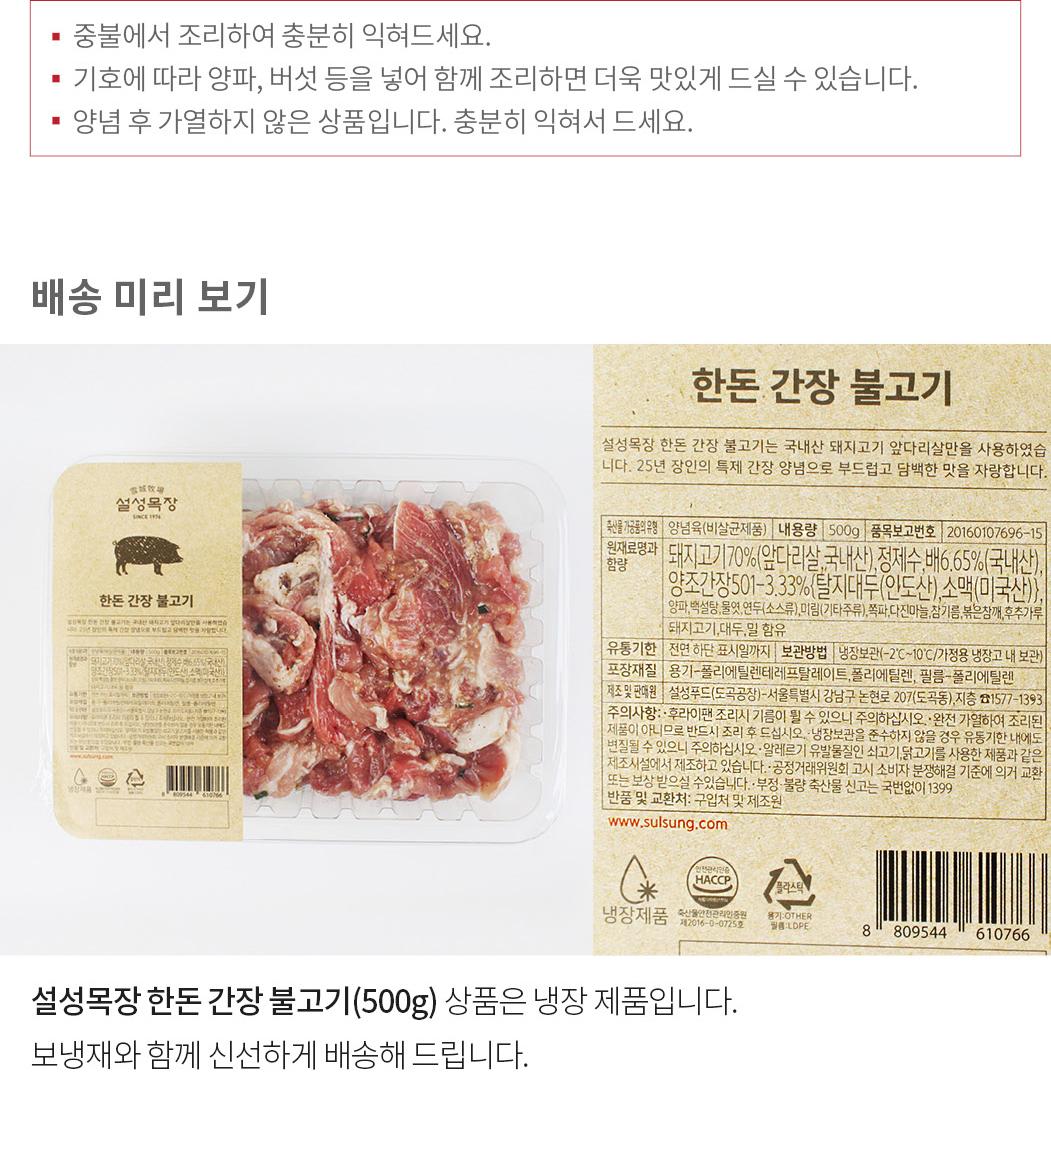 180201_한돈-간장-불고기-상세페이지_04.jpg